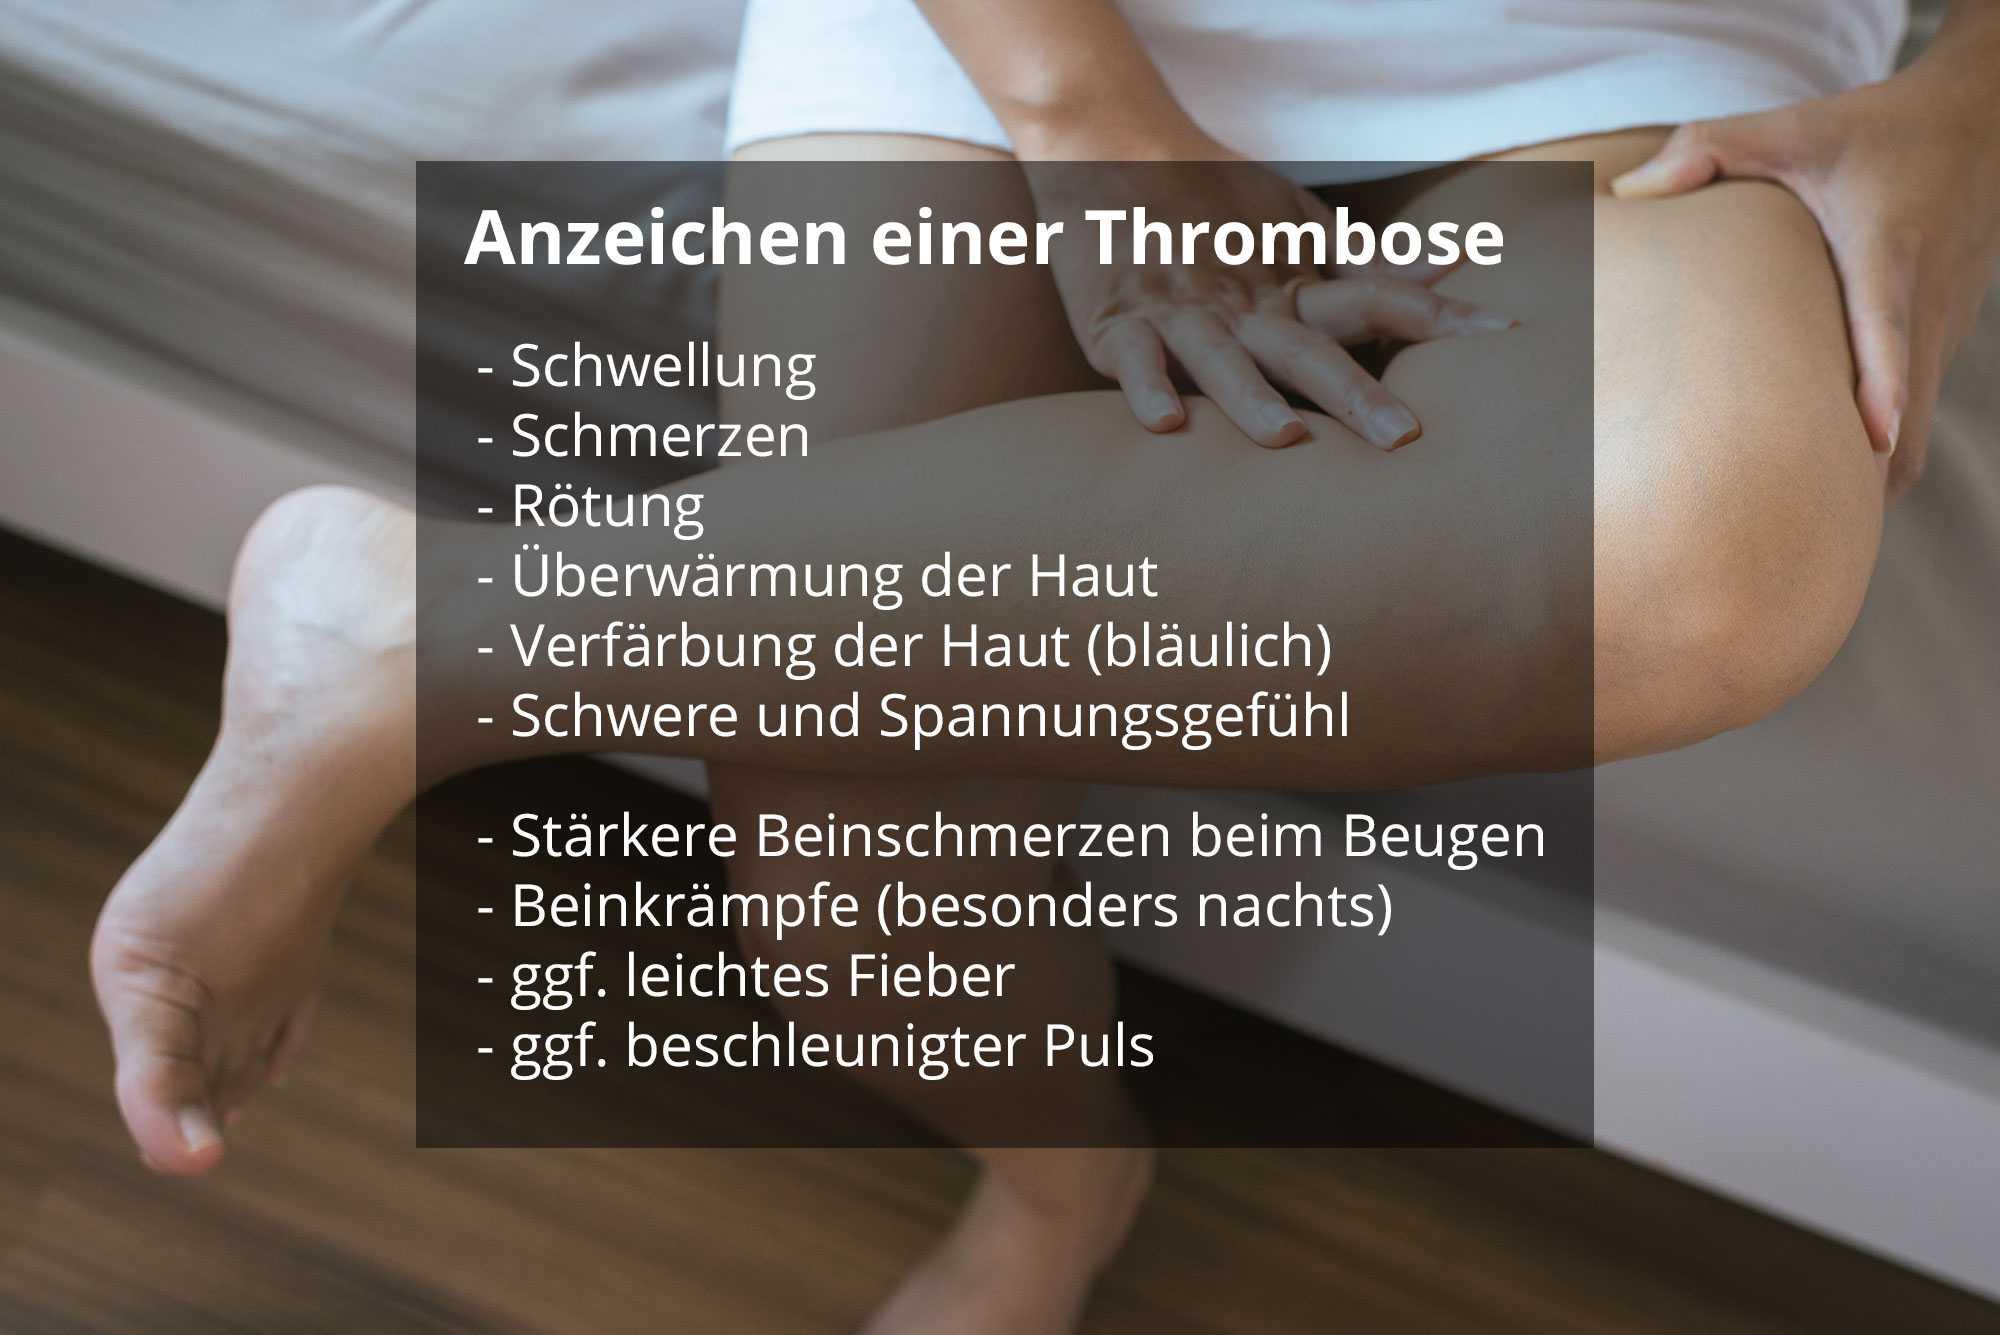 Angst vor erneuter thrombose